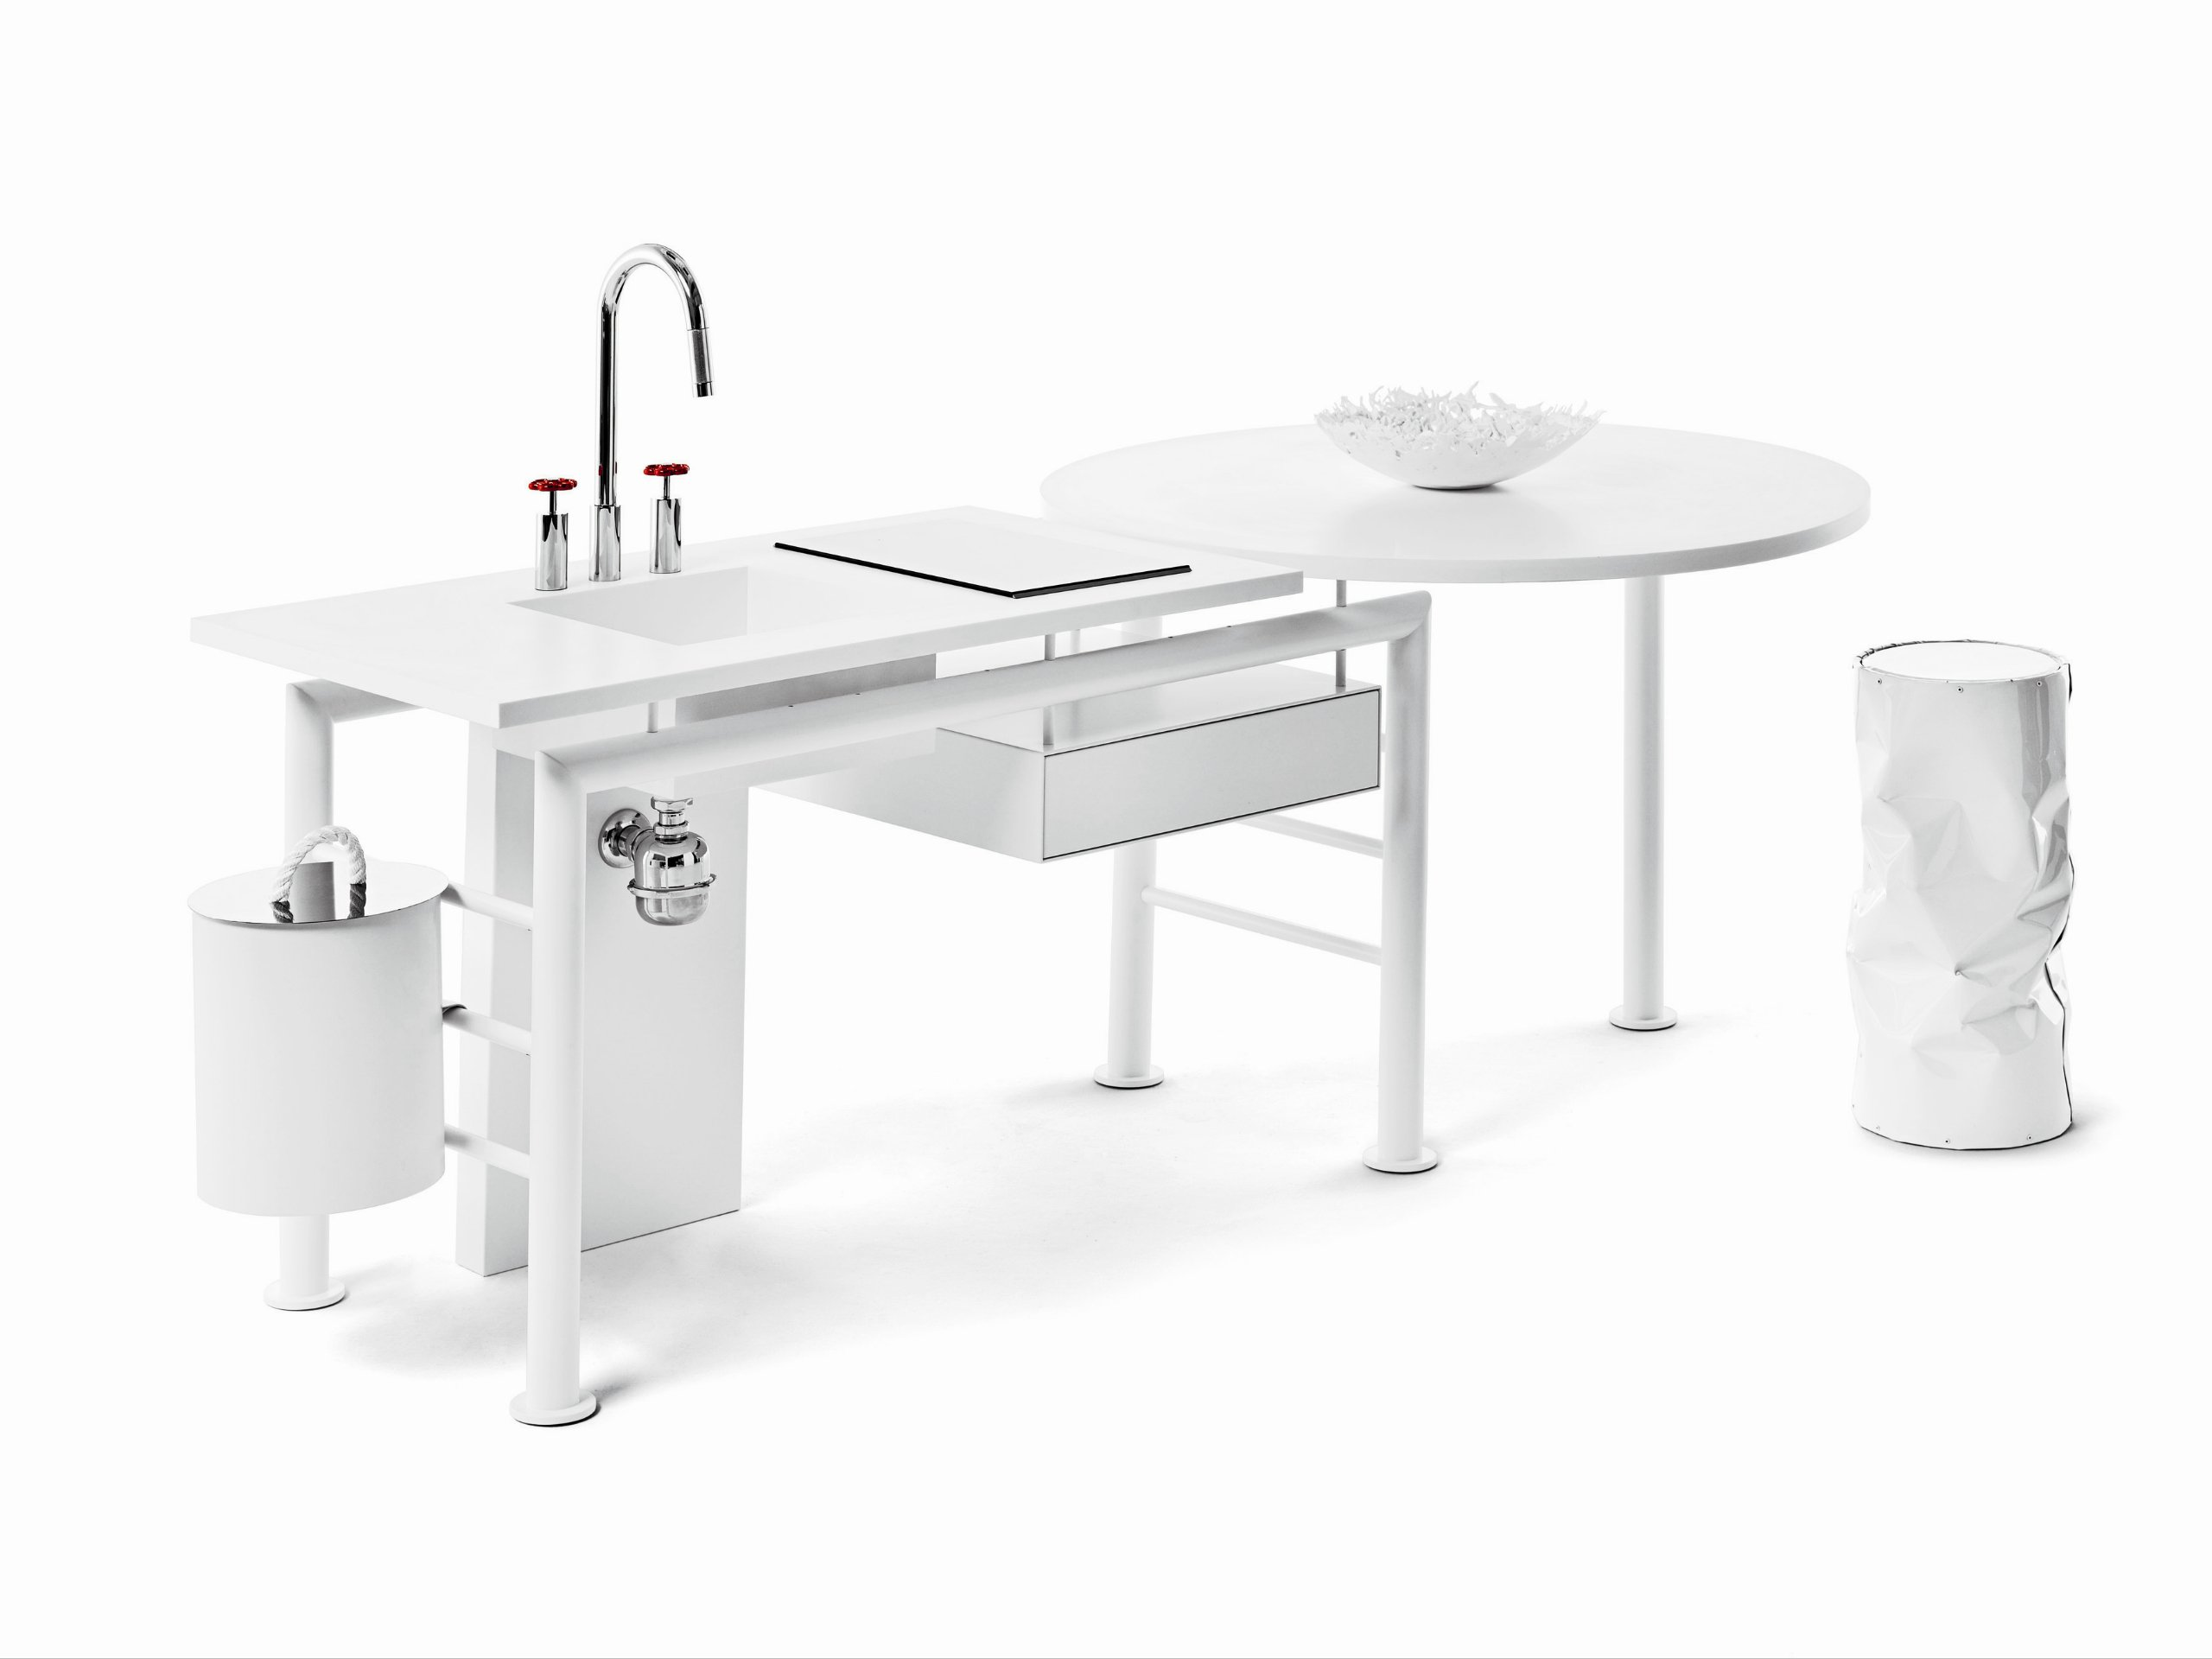 Moduli cucina componibile mobili e ante per cucine metod sistema componibile mobili base with - Mobili per cucina componibile ...